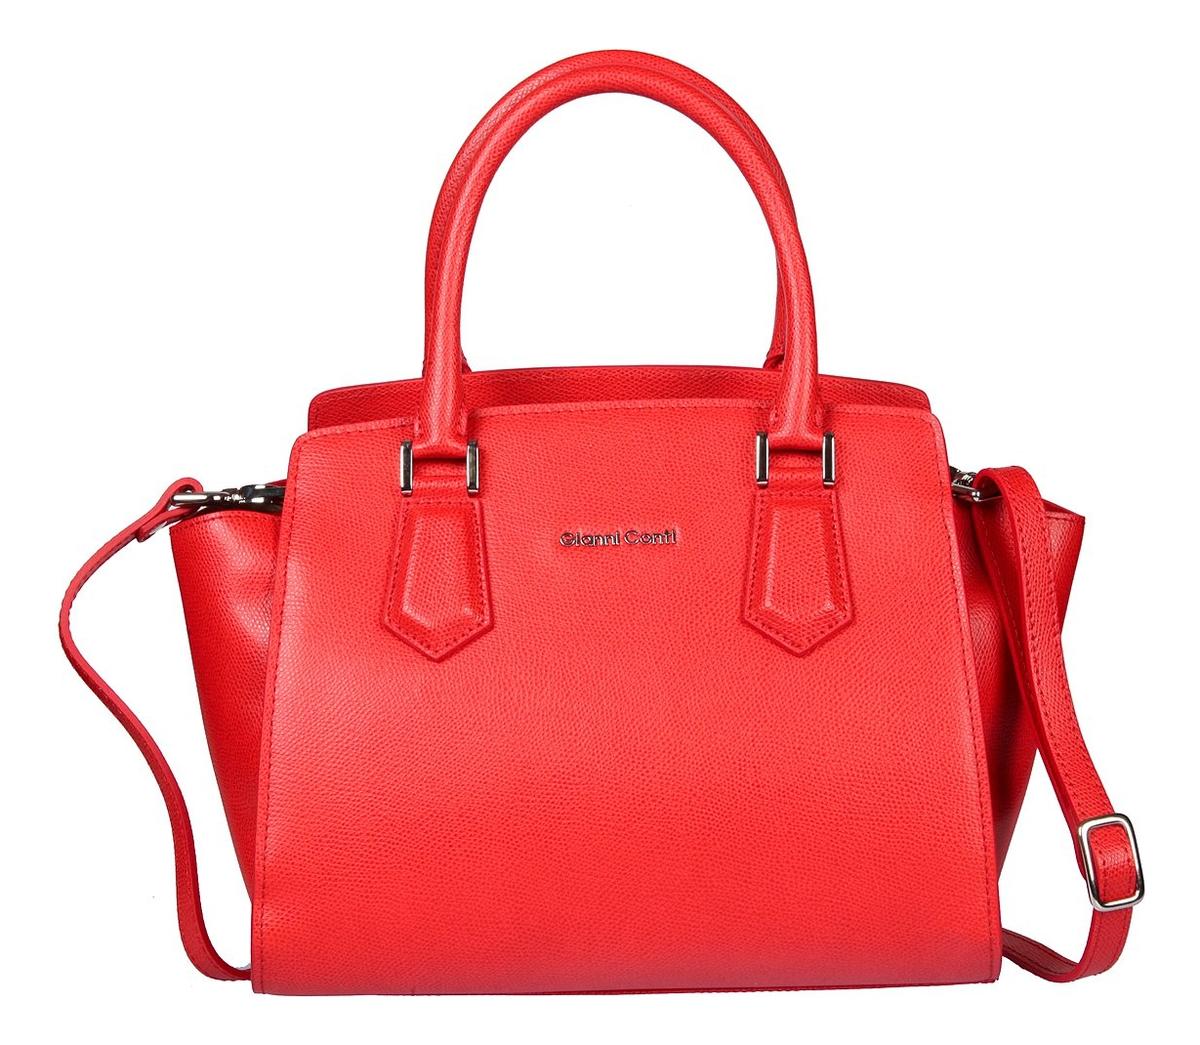 Женская сумка Coral 2153202 (коралловая) цена 2017